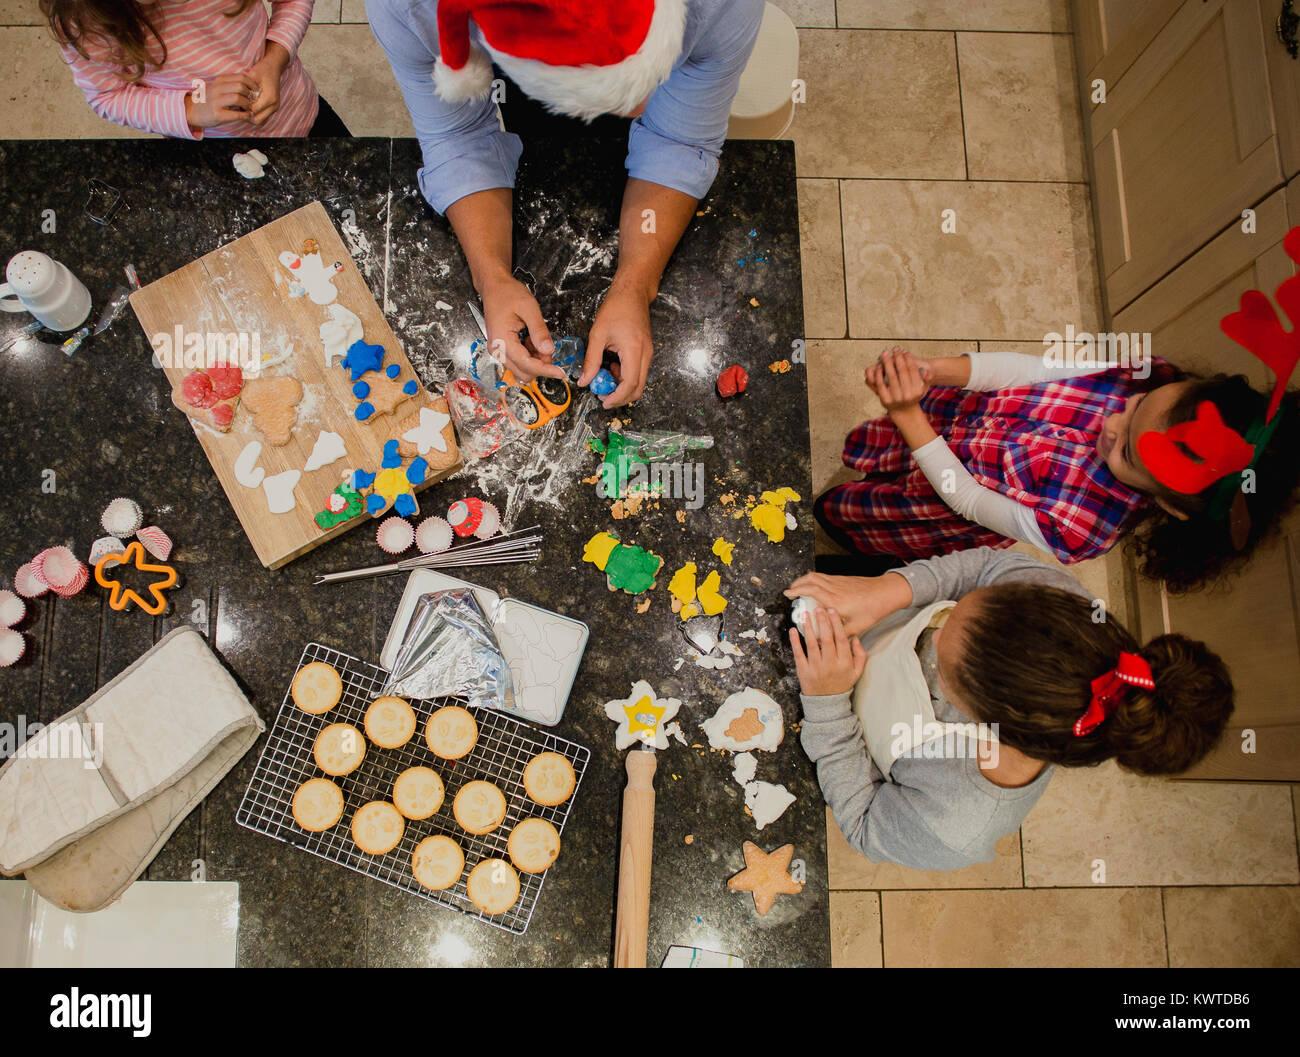 Luftaufnahme von einem Vater zu Weihnachten Kekse mit seinen drei Töchtern in der Küche ihres Hauses. Stockbild